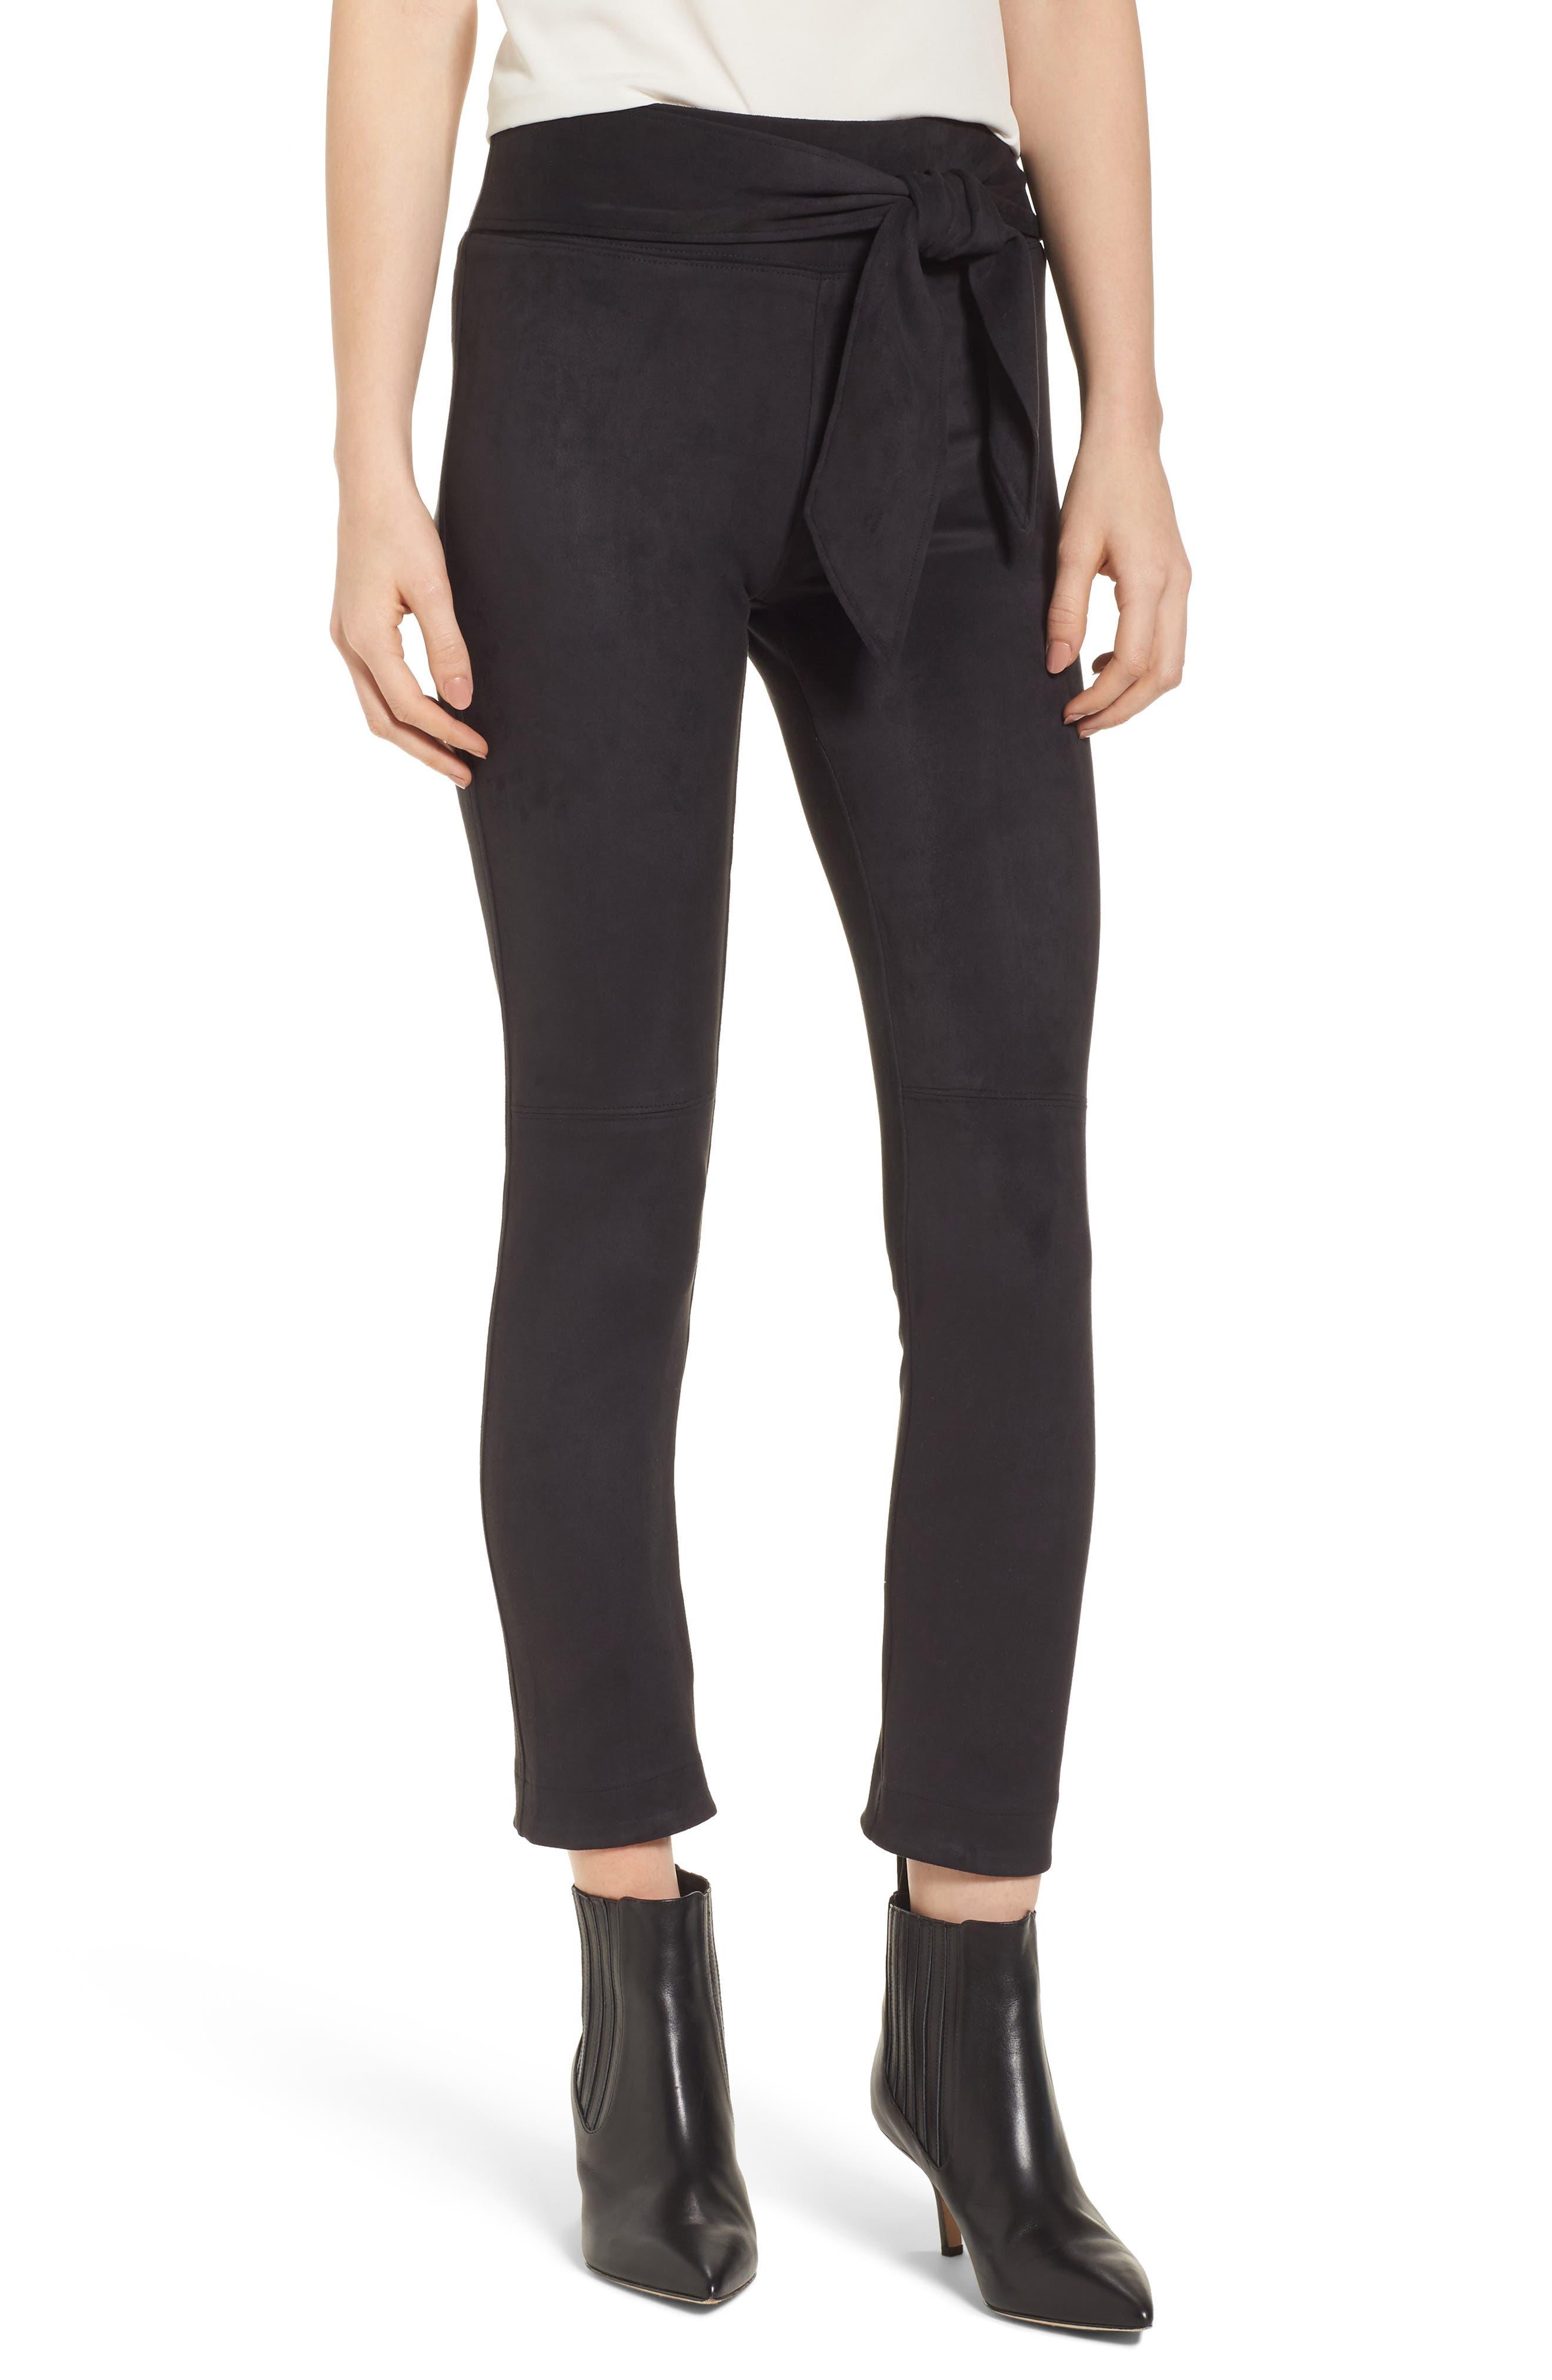 Waist Tie Skimmer Leggings,                         Main,                         color, Black